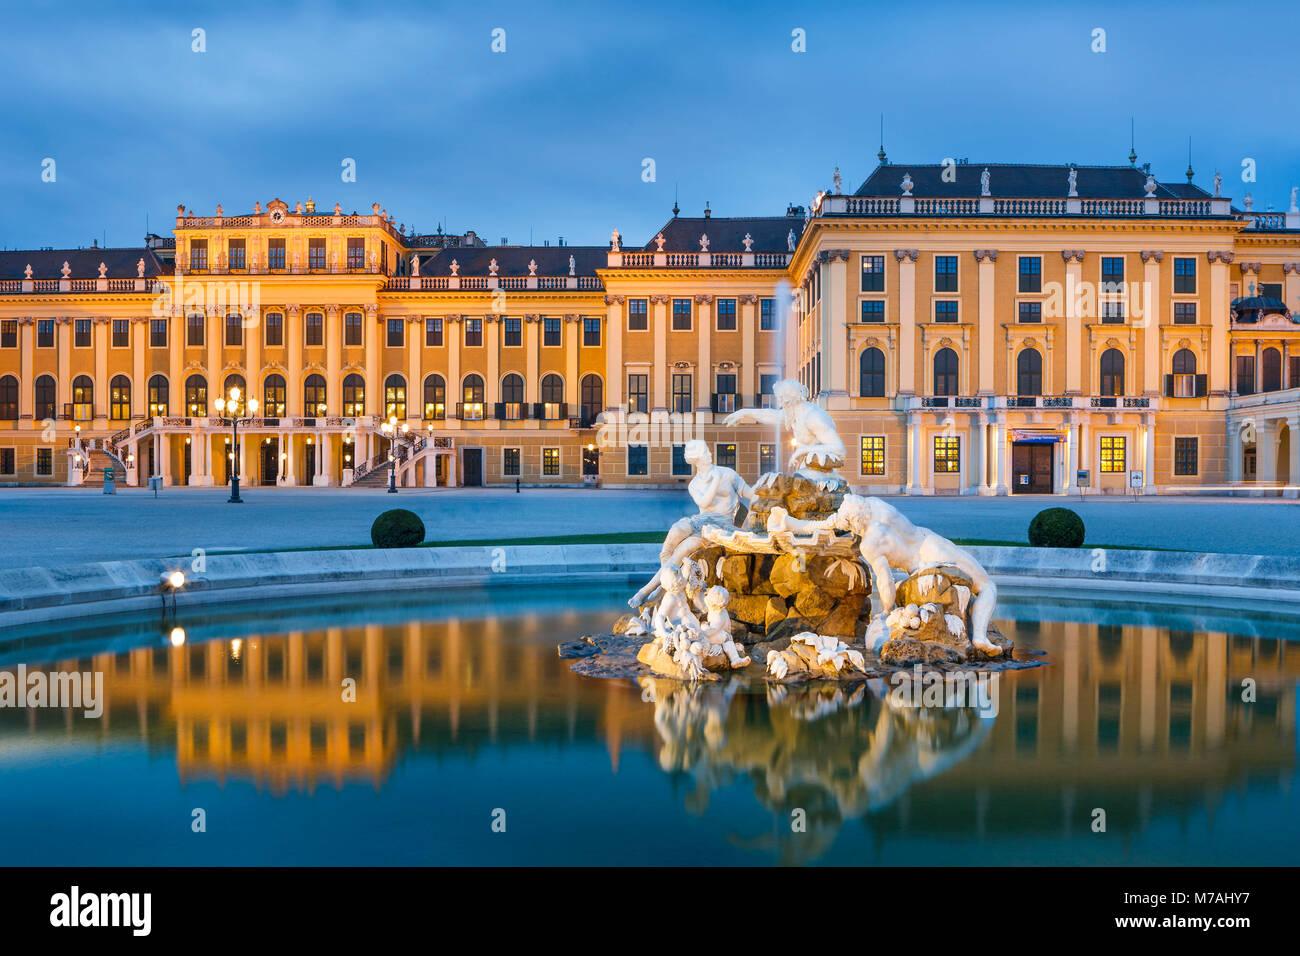 Blaue Stunde mit Spiegelbild im Brunnen auf dem Vorplatz des Schlosses Schönbrunn in Wien Stockbild